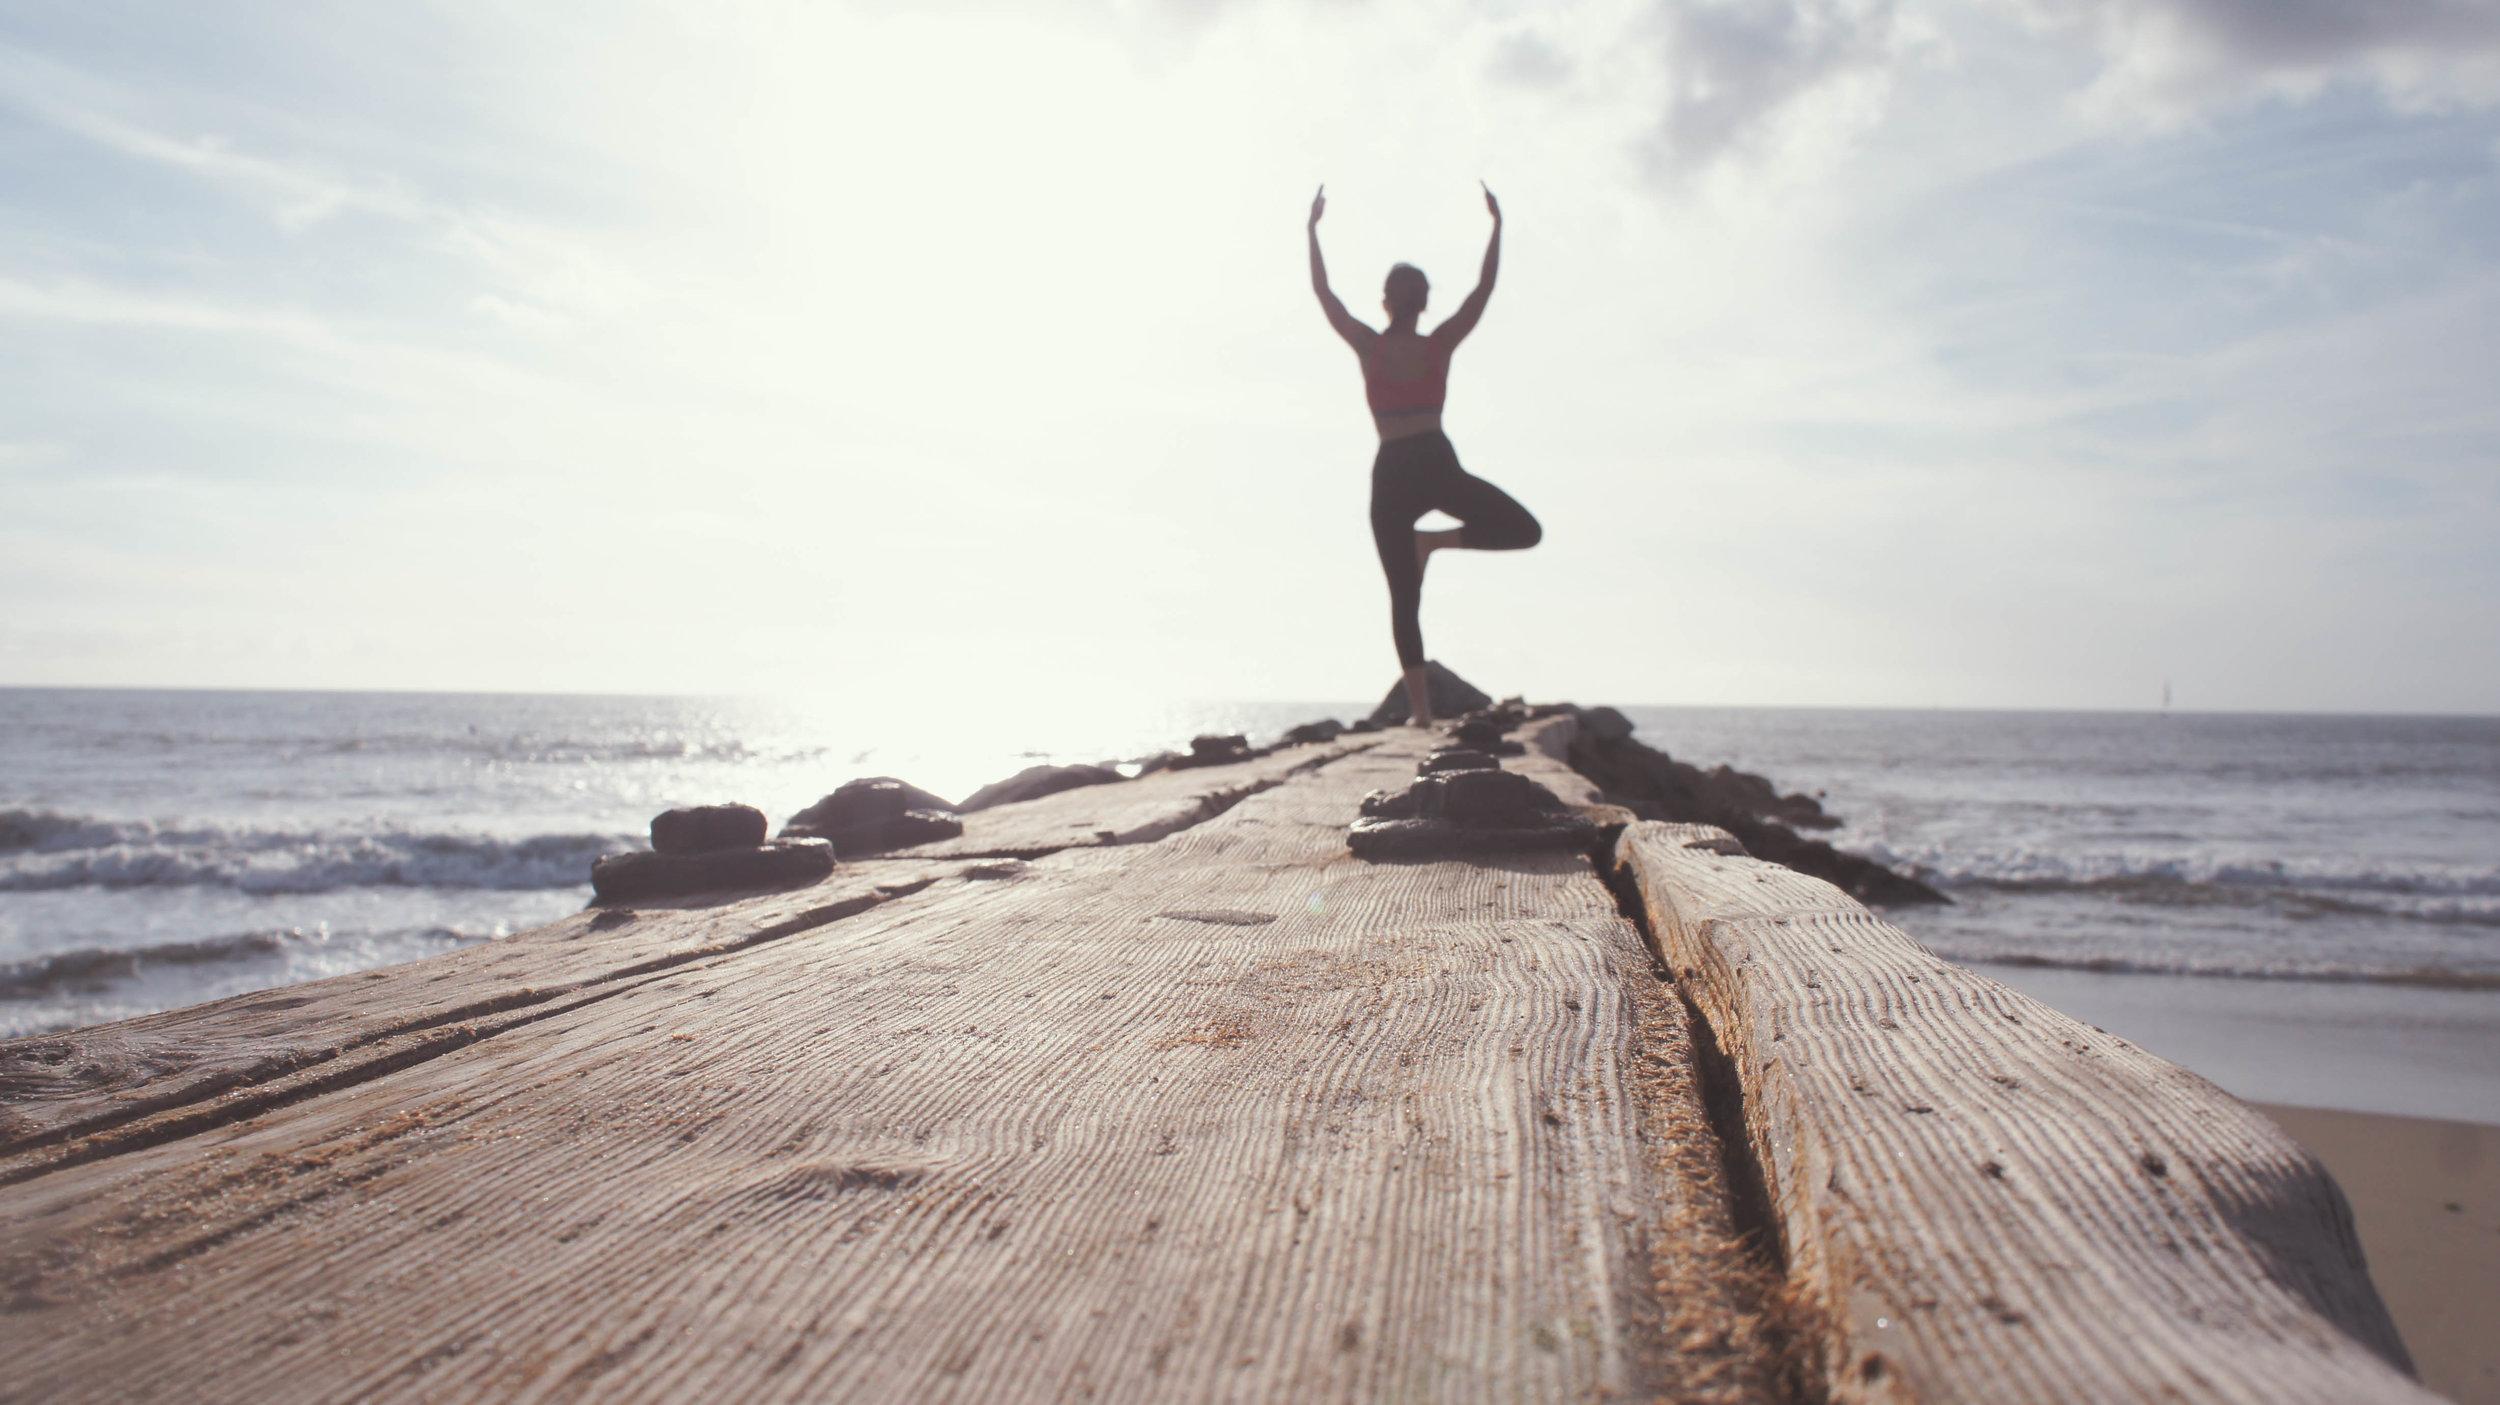 Yoga in Mornington